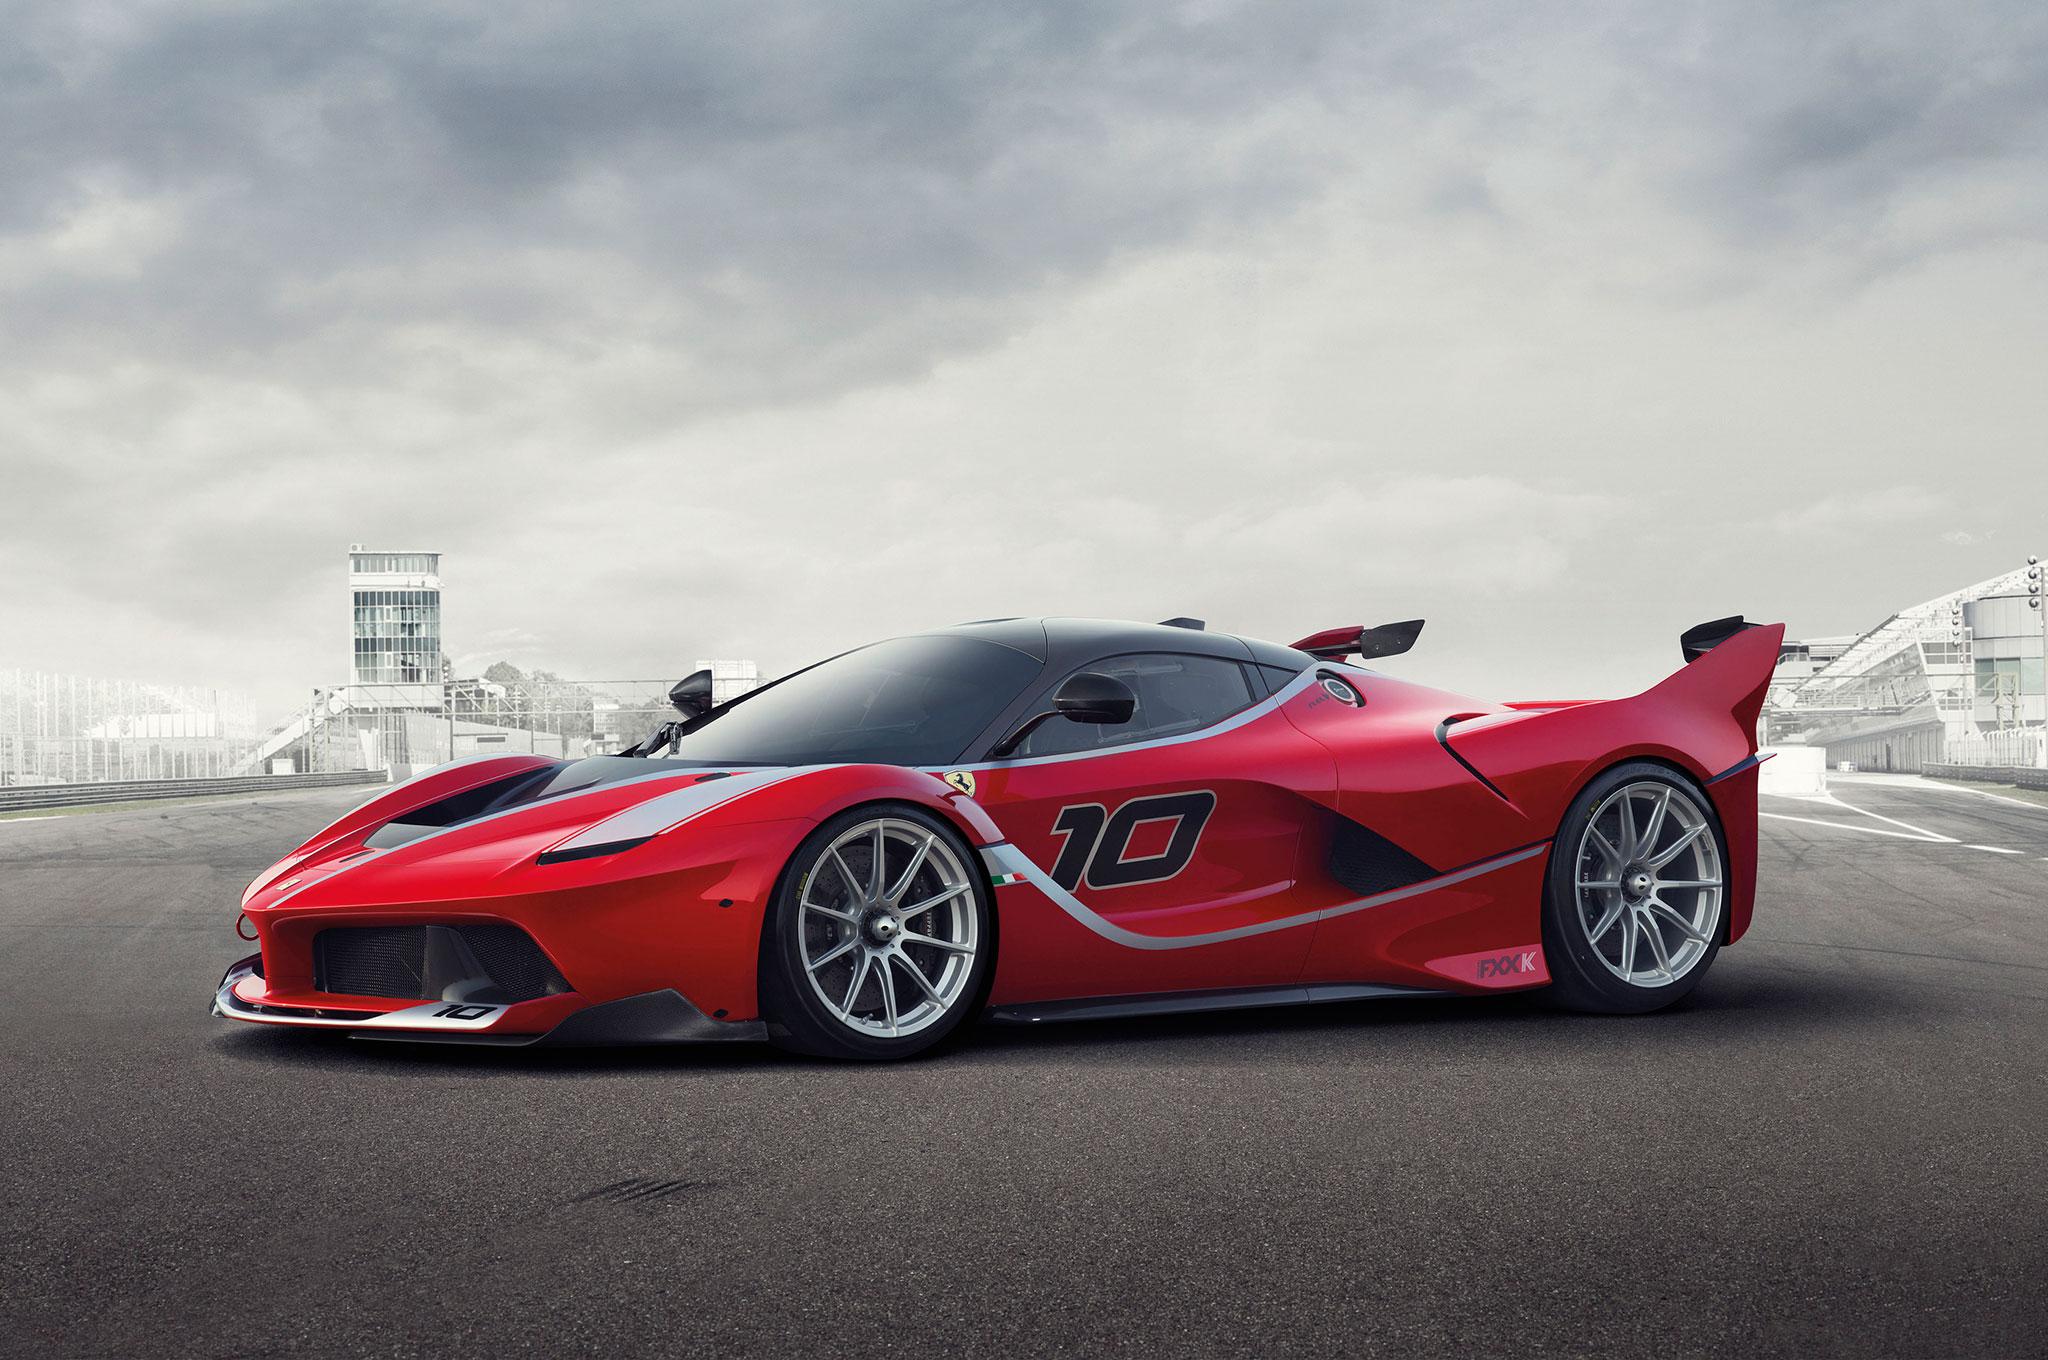 Insane Italian Stallion Ferrari Fxx K